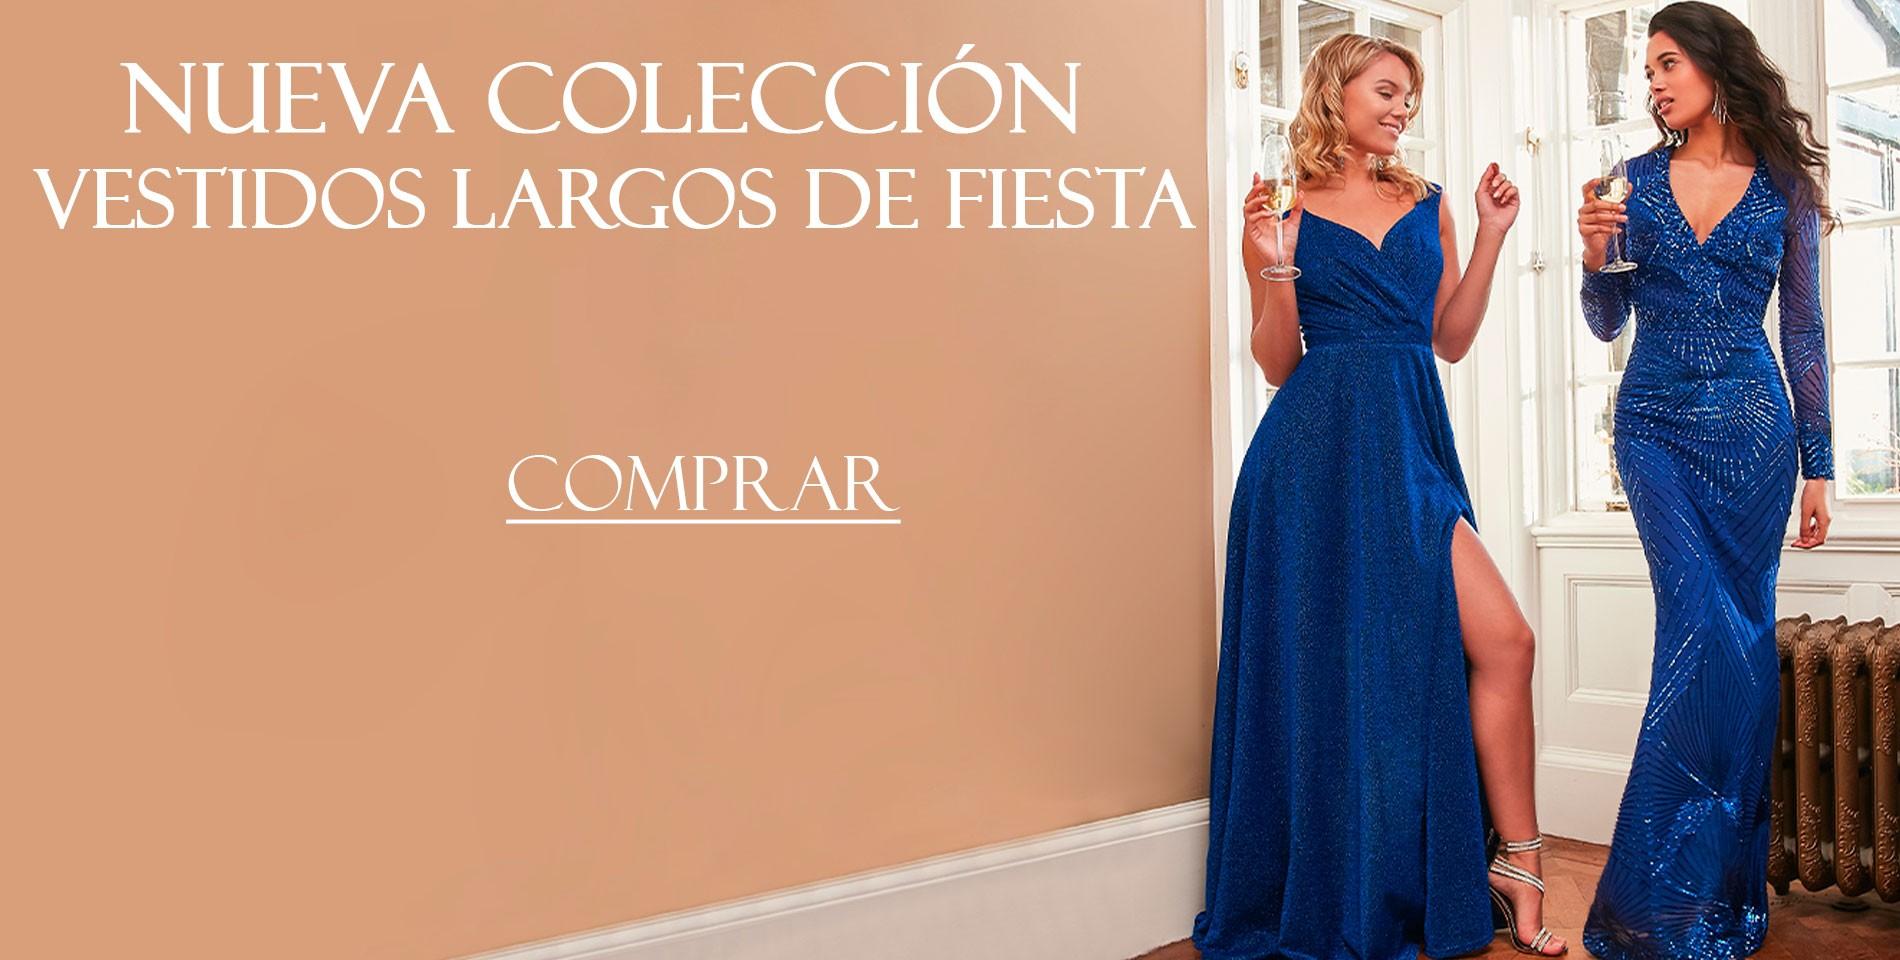 Nueva Colección 2019 - Vestidos largos de fiesta